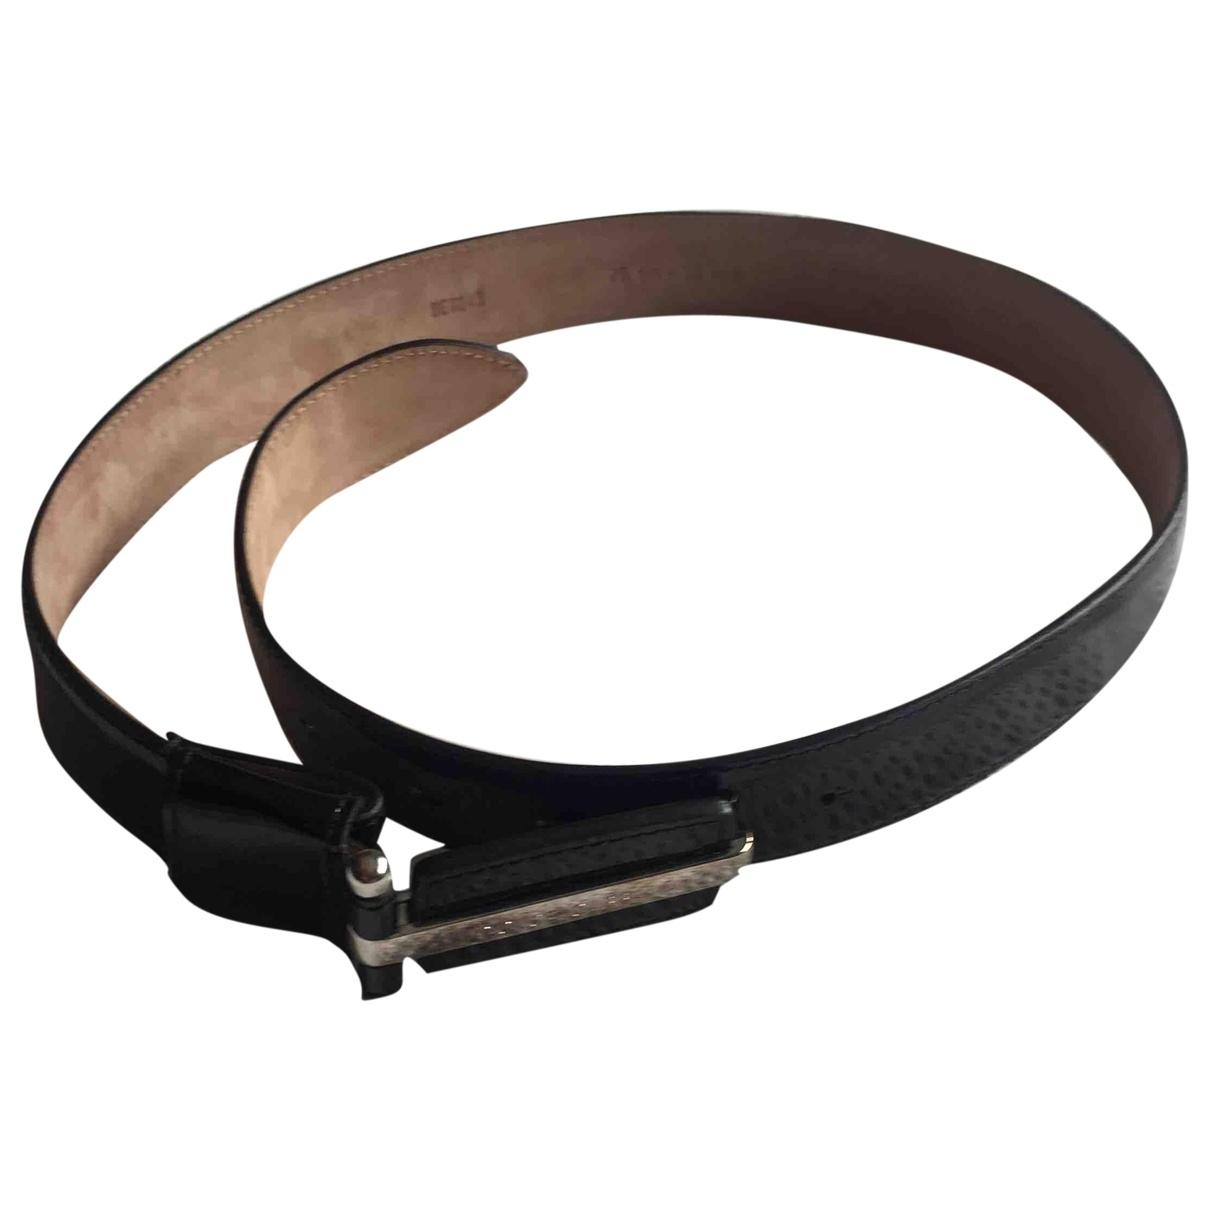 Cinturon de Charol Dolce & Gabbana